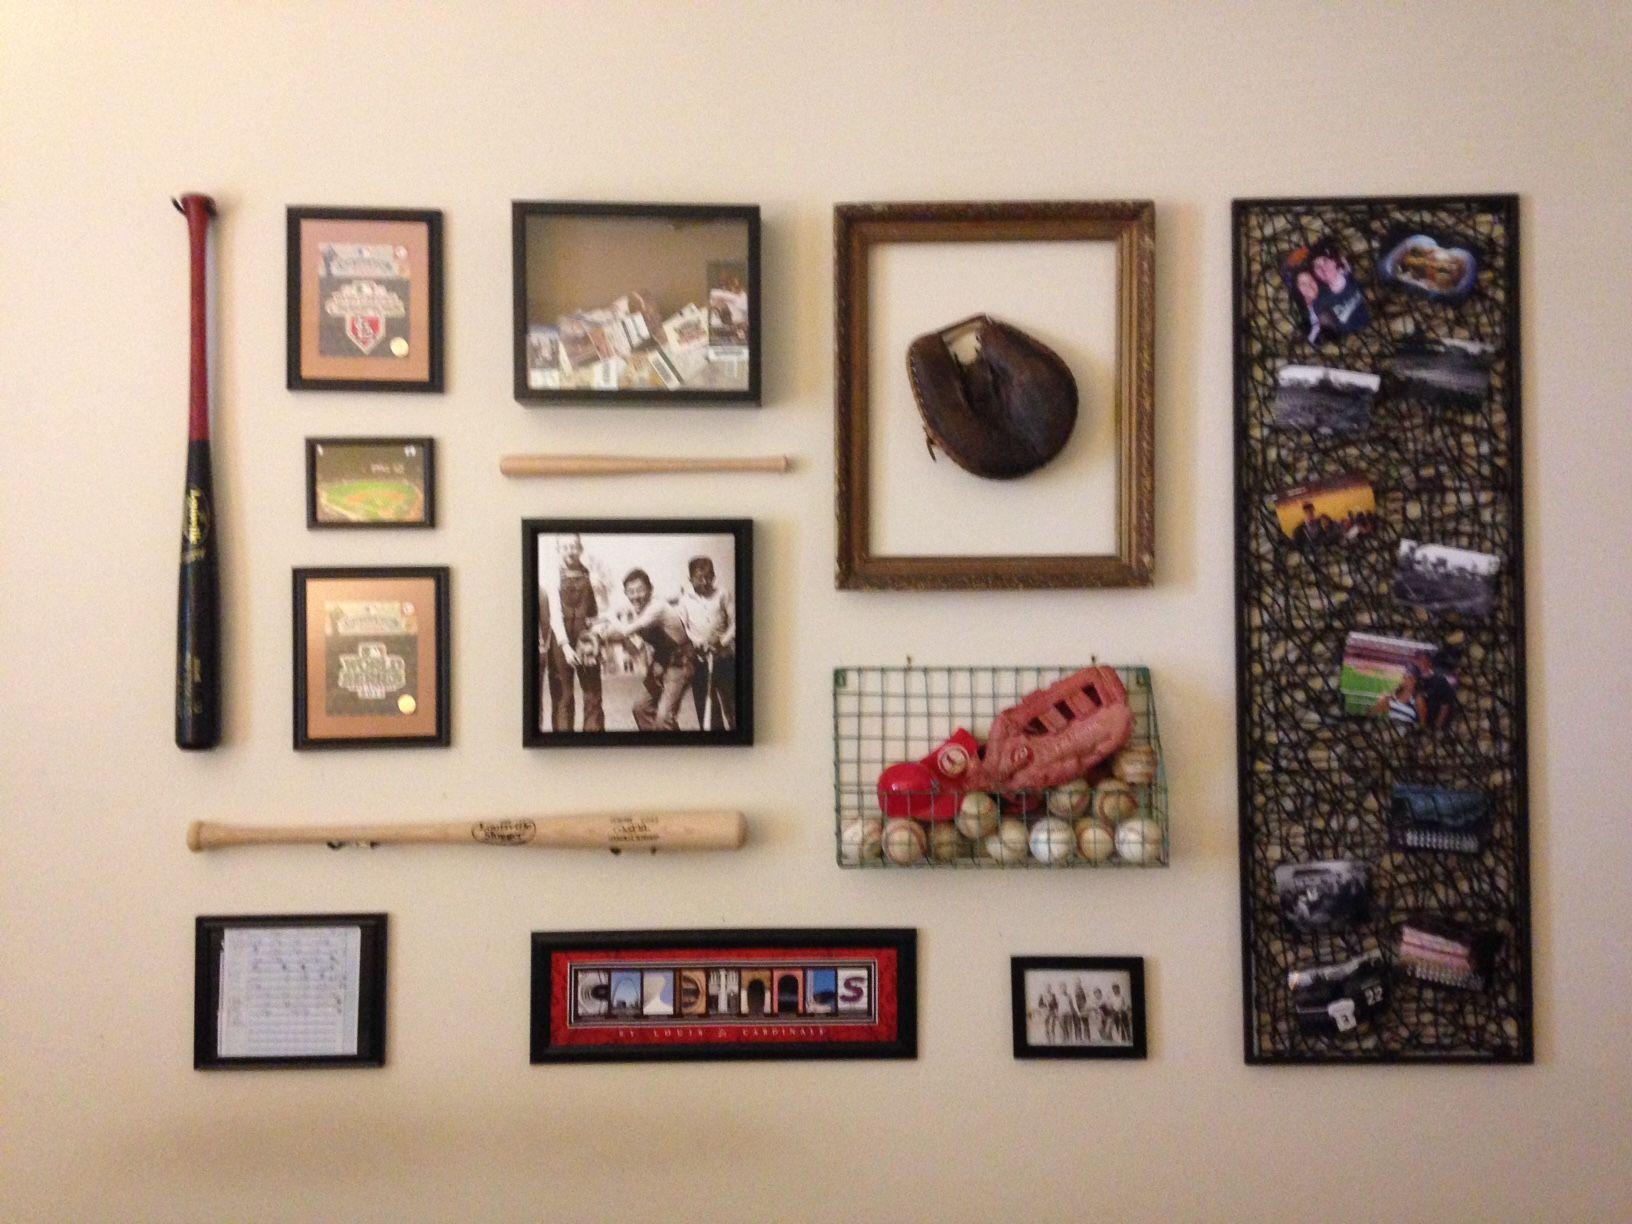 Baseball collage. Wall art. | Cool Stuff | Pinterest ...